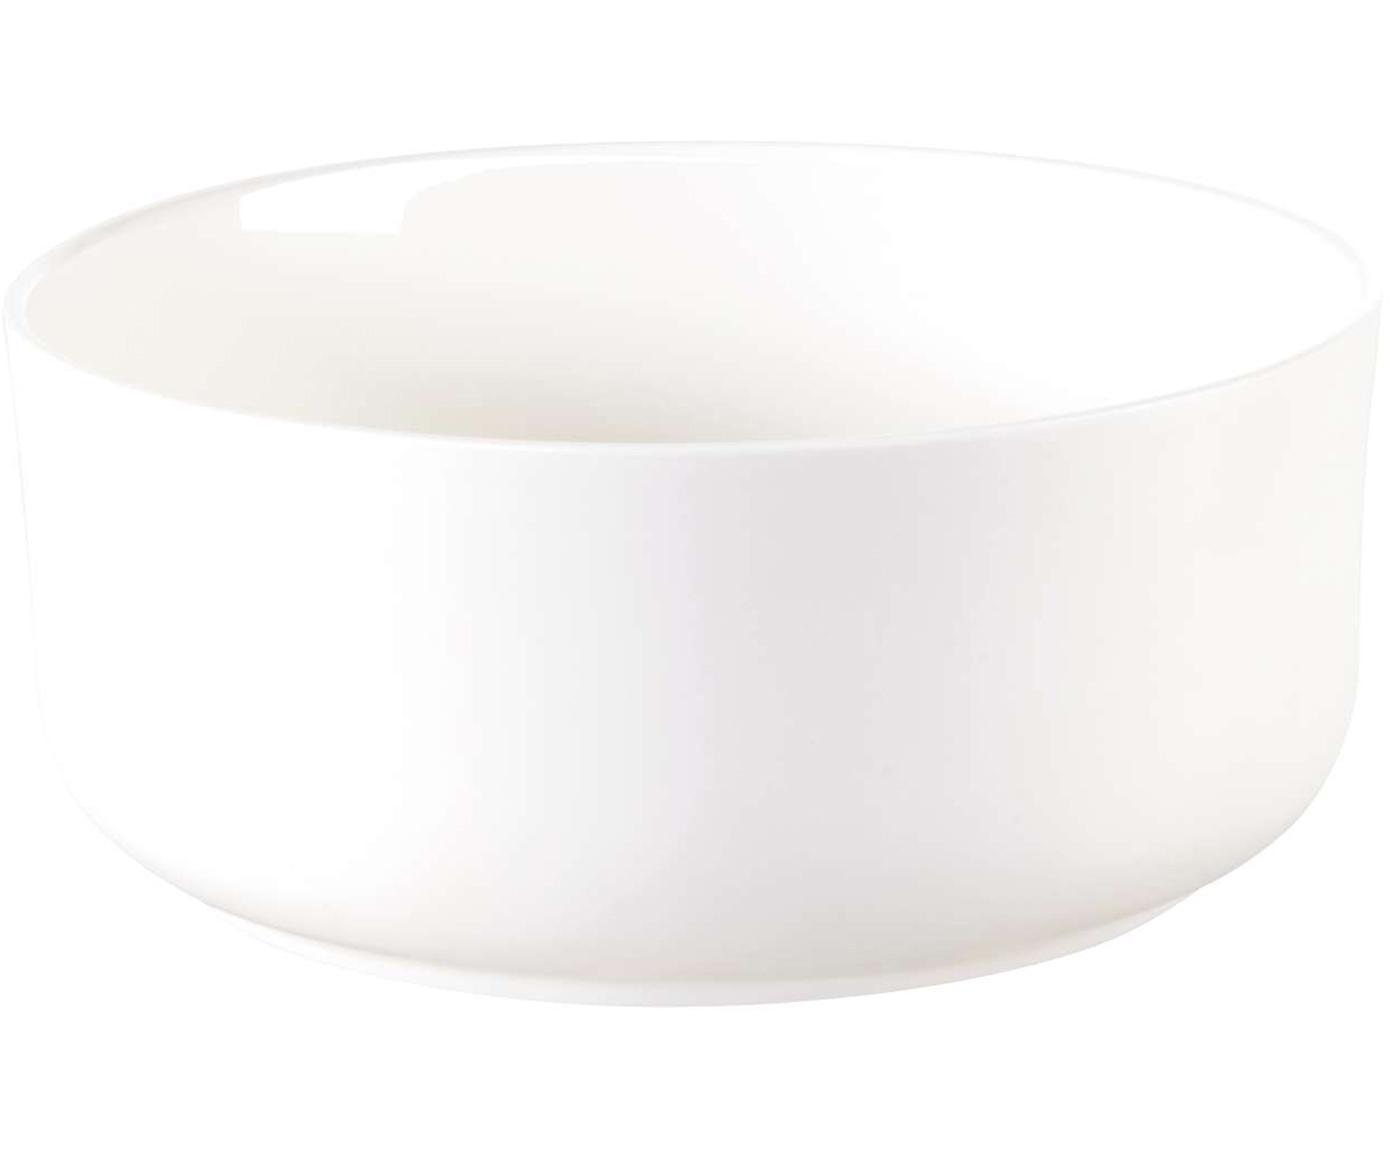 Miseczka Oco, 6 szt., Porcelana chińska, Biały, Ø 12 cm